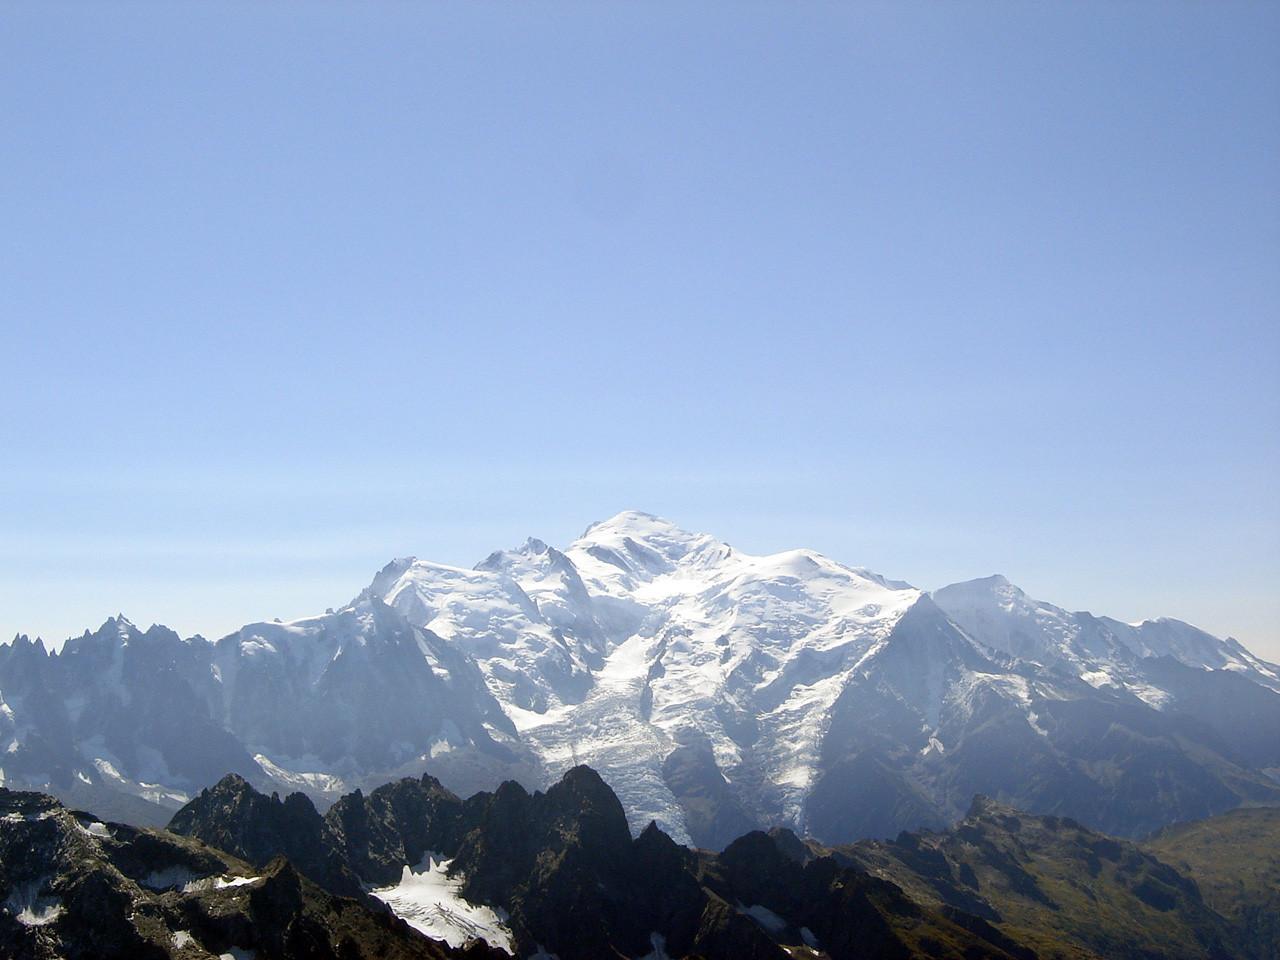 Panorama sur Massif du Mont-Blanc : Classique ! Observation du prochain objectif: Mont Blanc du Tacul